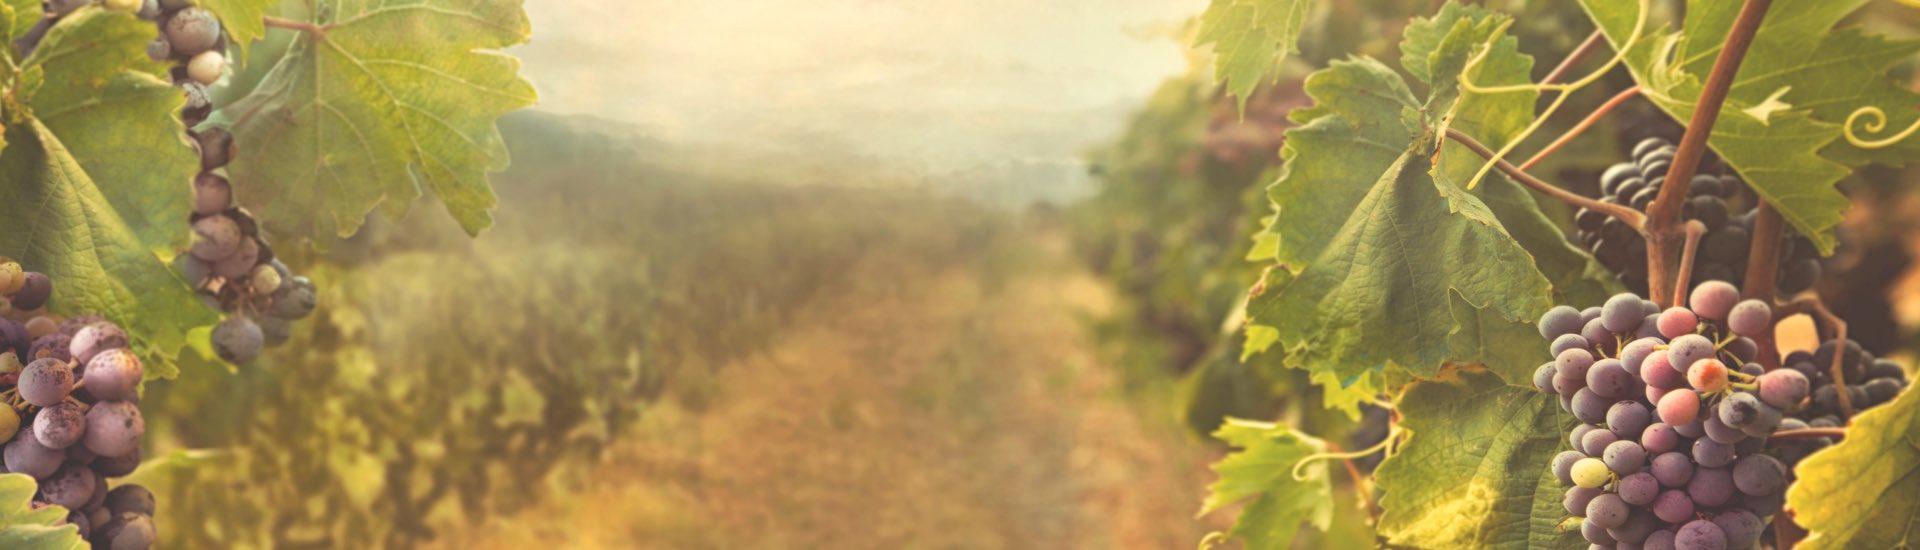 Weine - Weinpakete für den kulinarischen Herbst 10/2017 - Slider